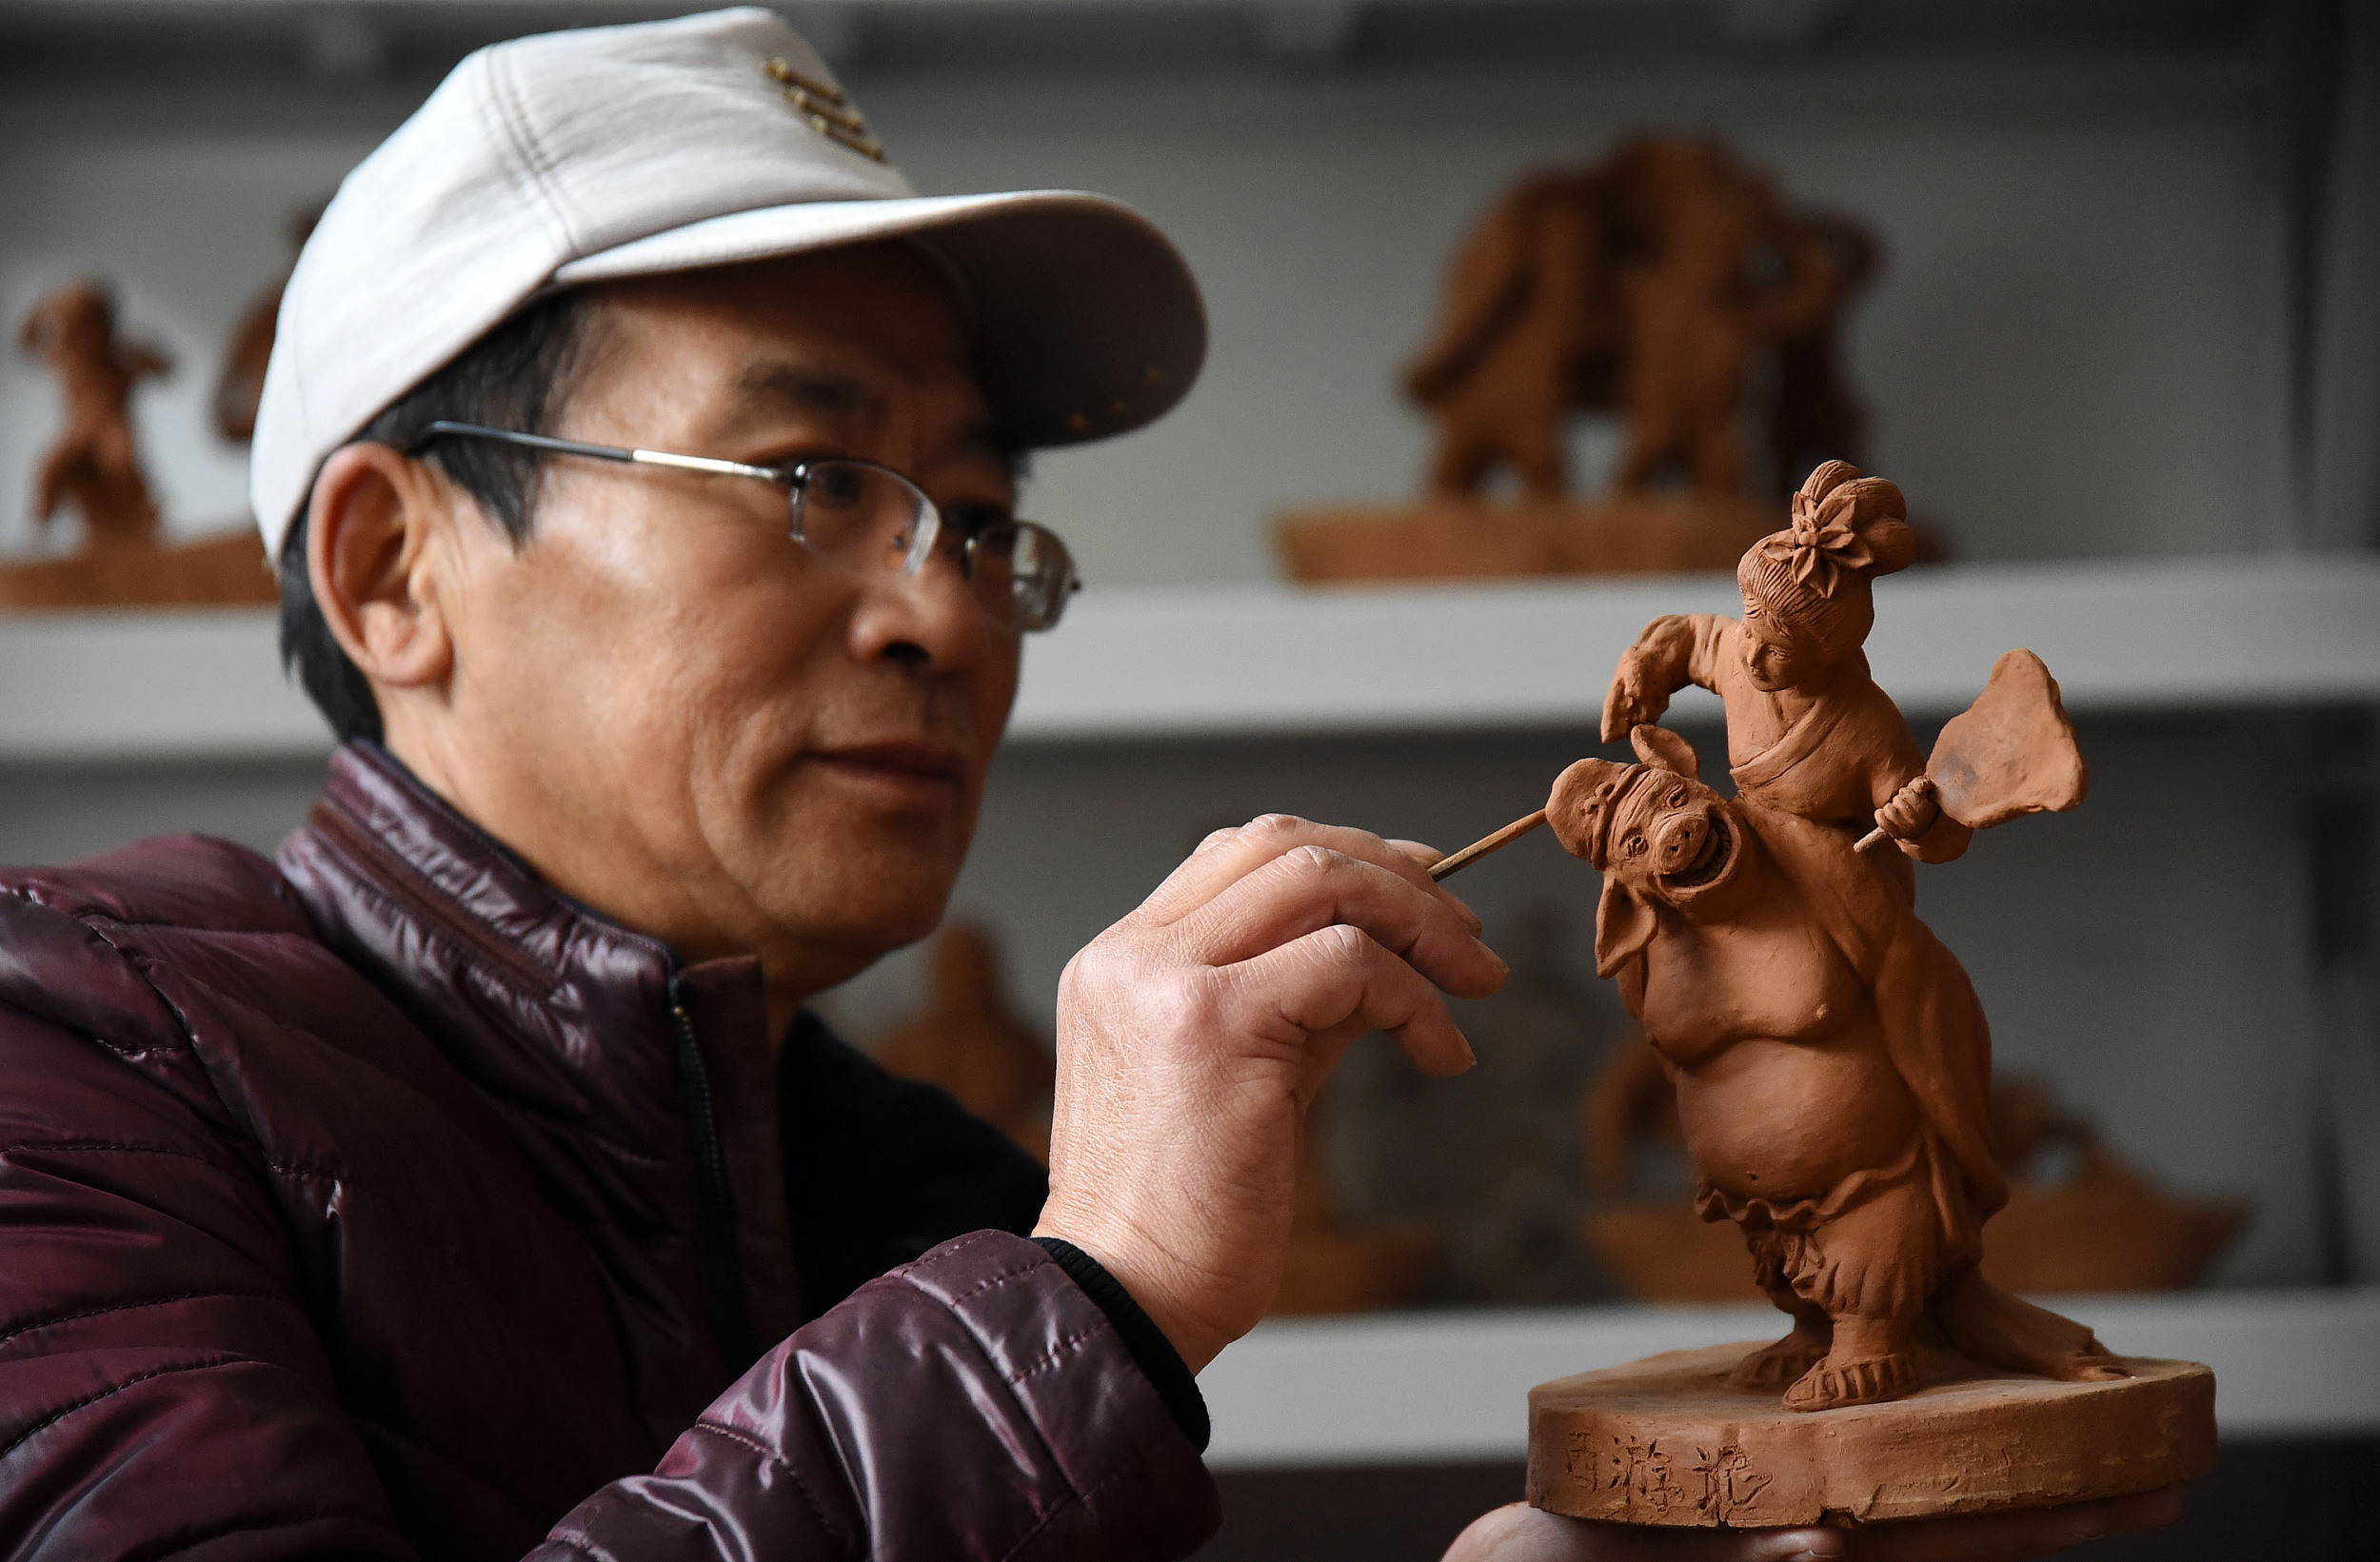 农民艺人的泥人梦 29年创作3000件作品